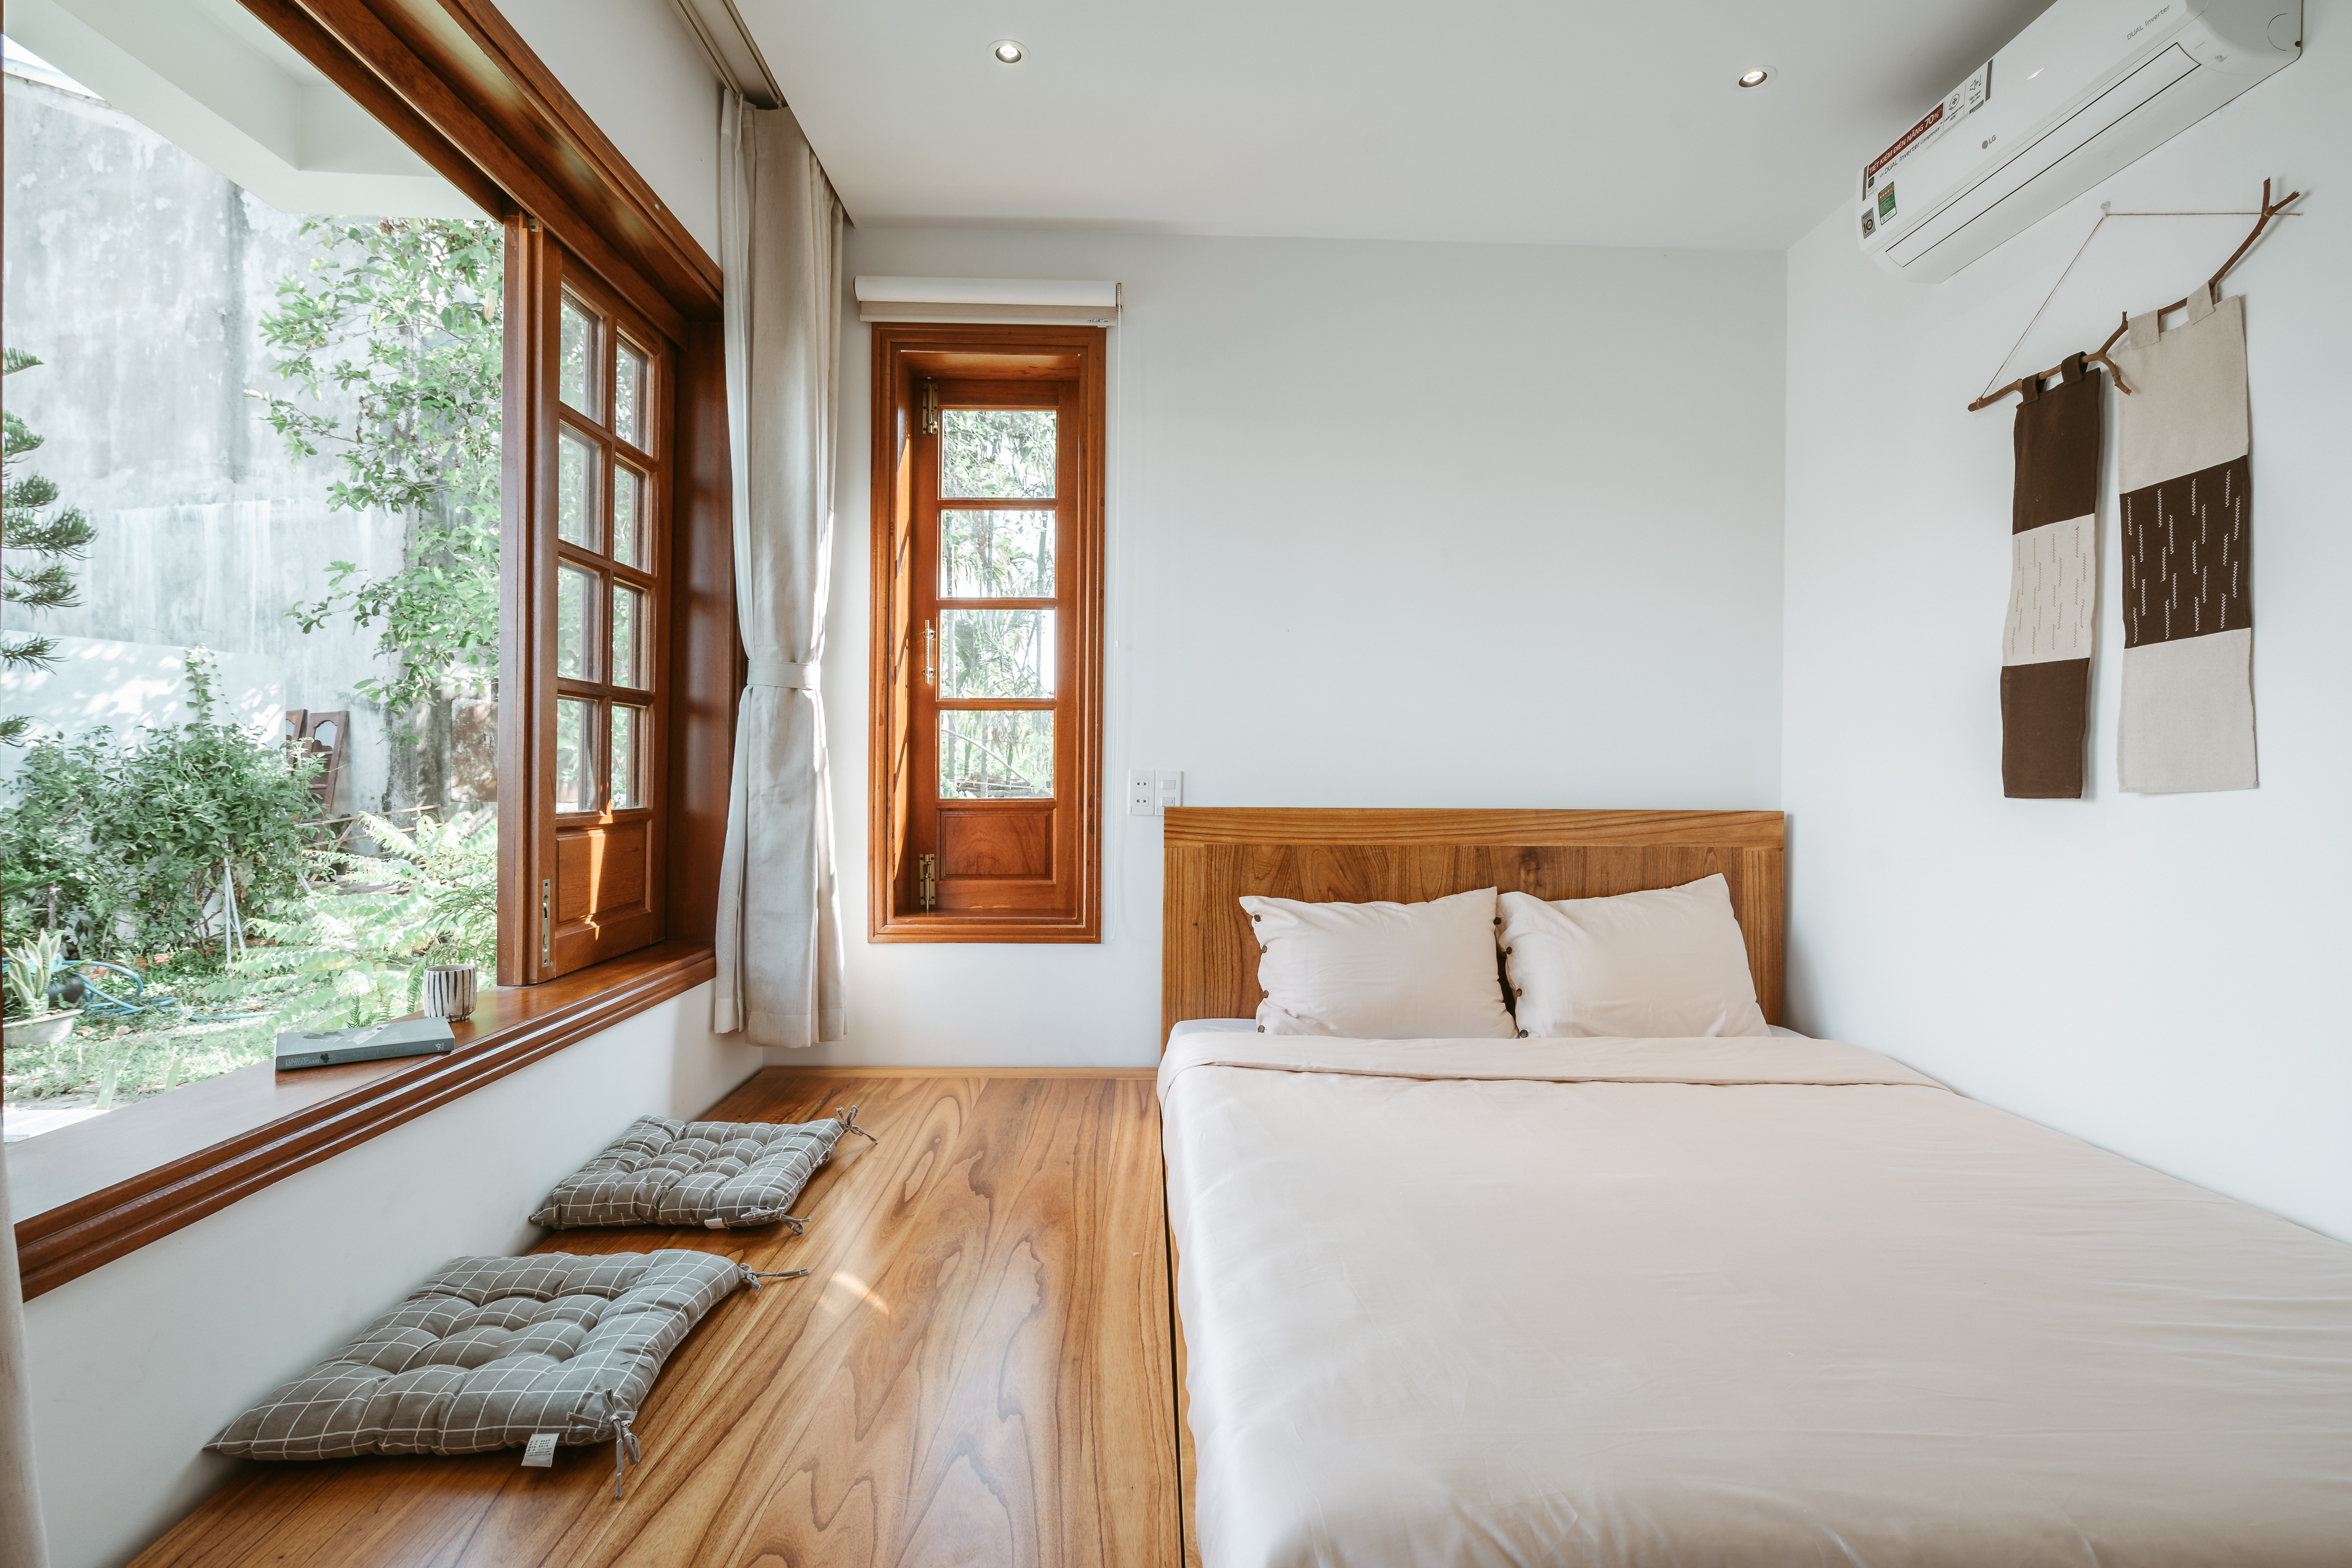 Cô gái quyết định rời Sài Gòn về Hội An cải tạo nhà ở 20 năm đã xuống cấp thành homestay 5 phòng đẹp lung linh, cho khách thuê chỉ 420-520 ngàn đồng/ phòng - Ảnh 21.